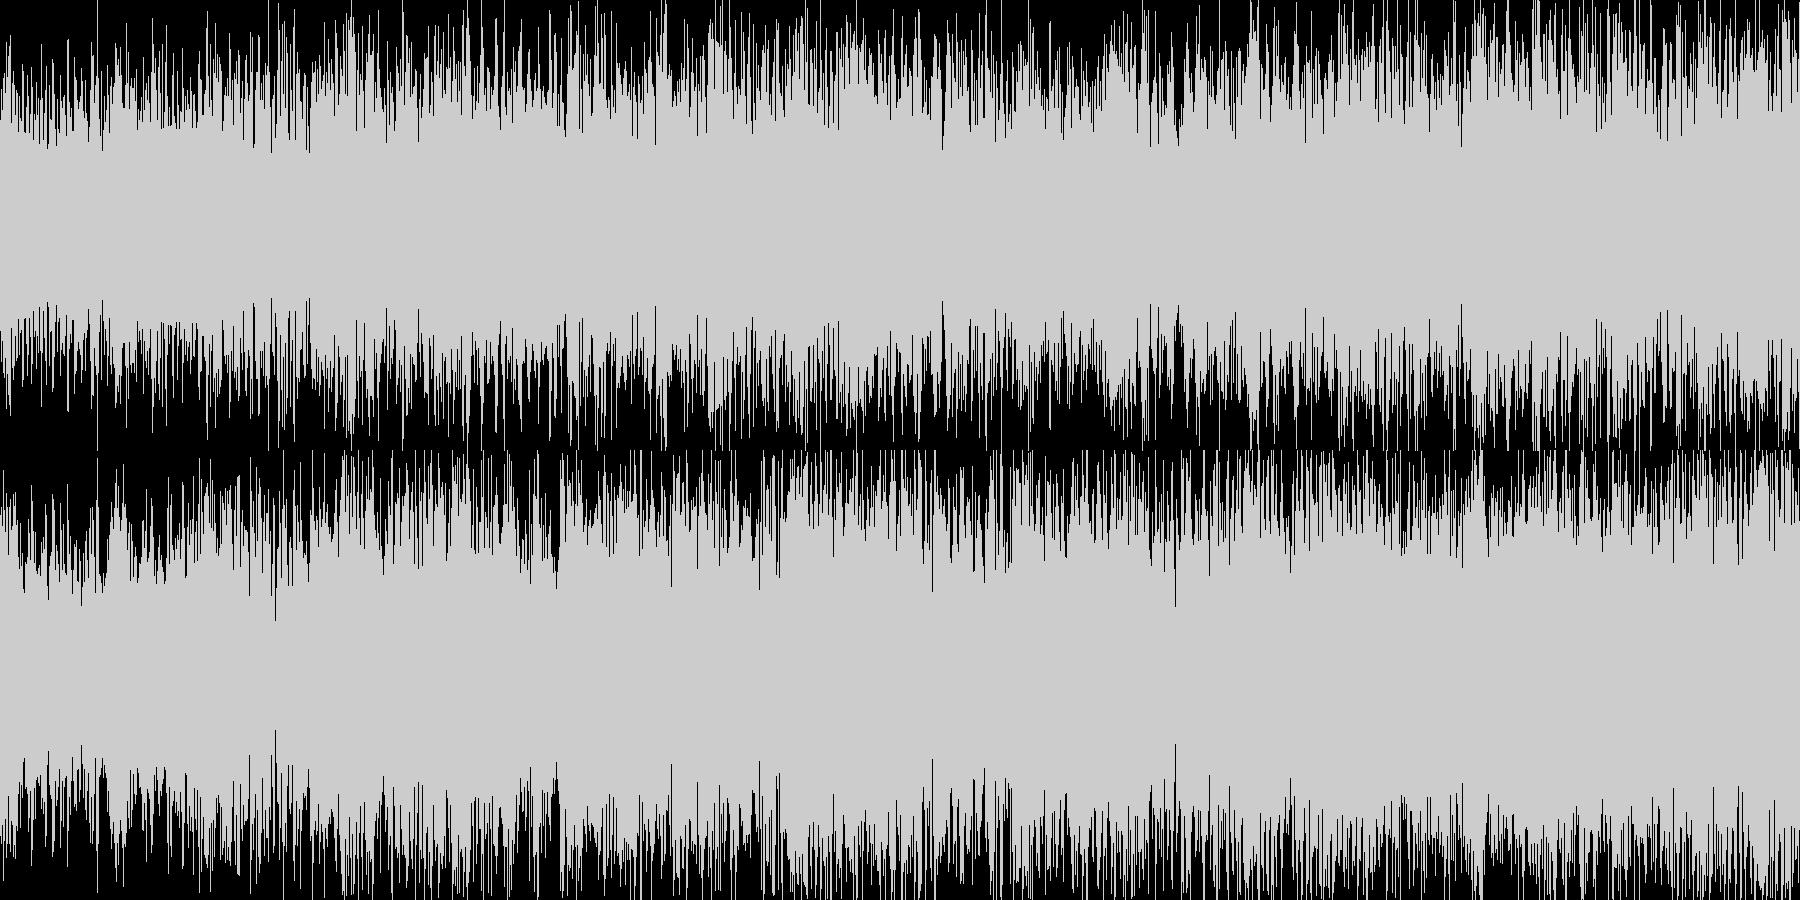 攻撃的なヘビーEギターデジタルサウンドの未再生の波形